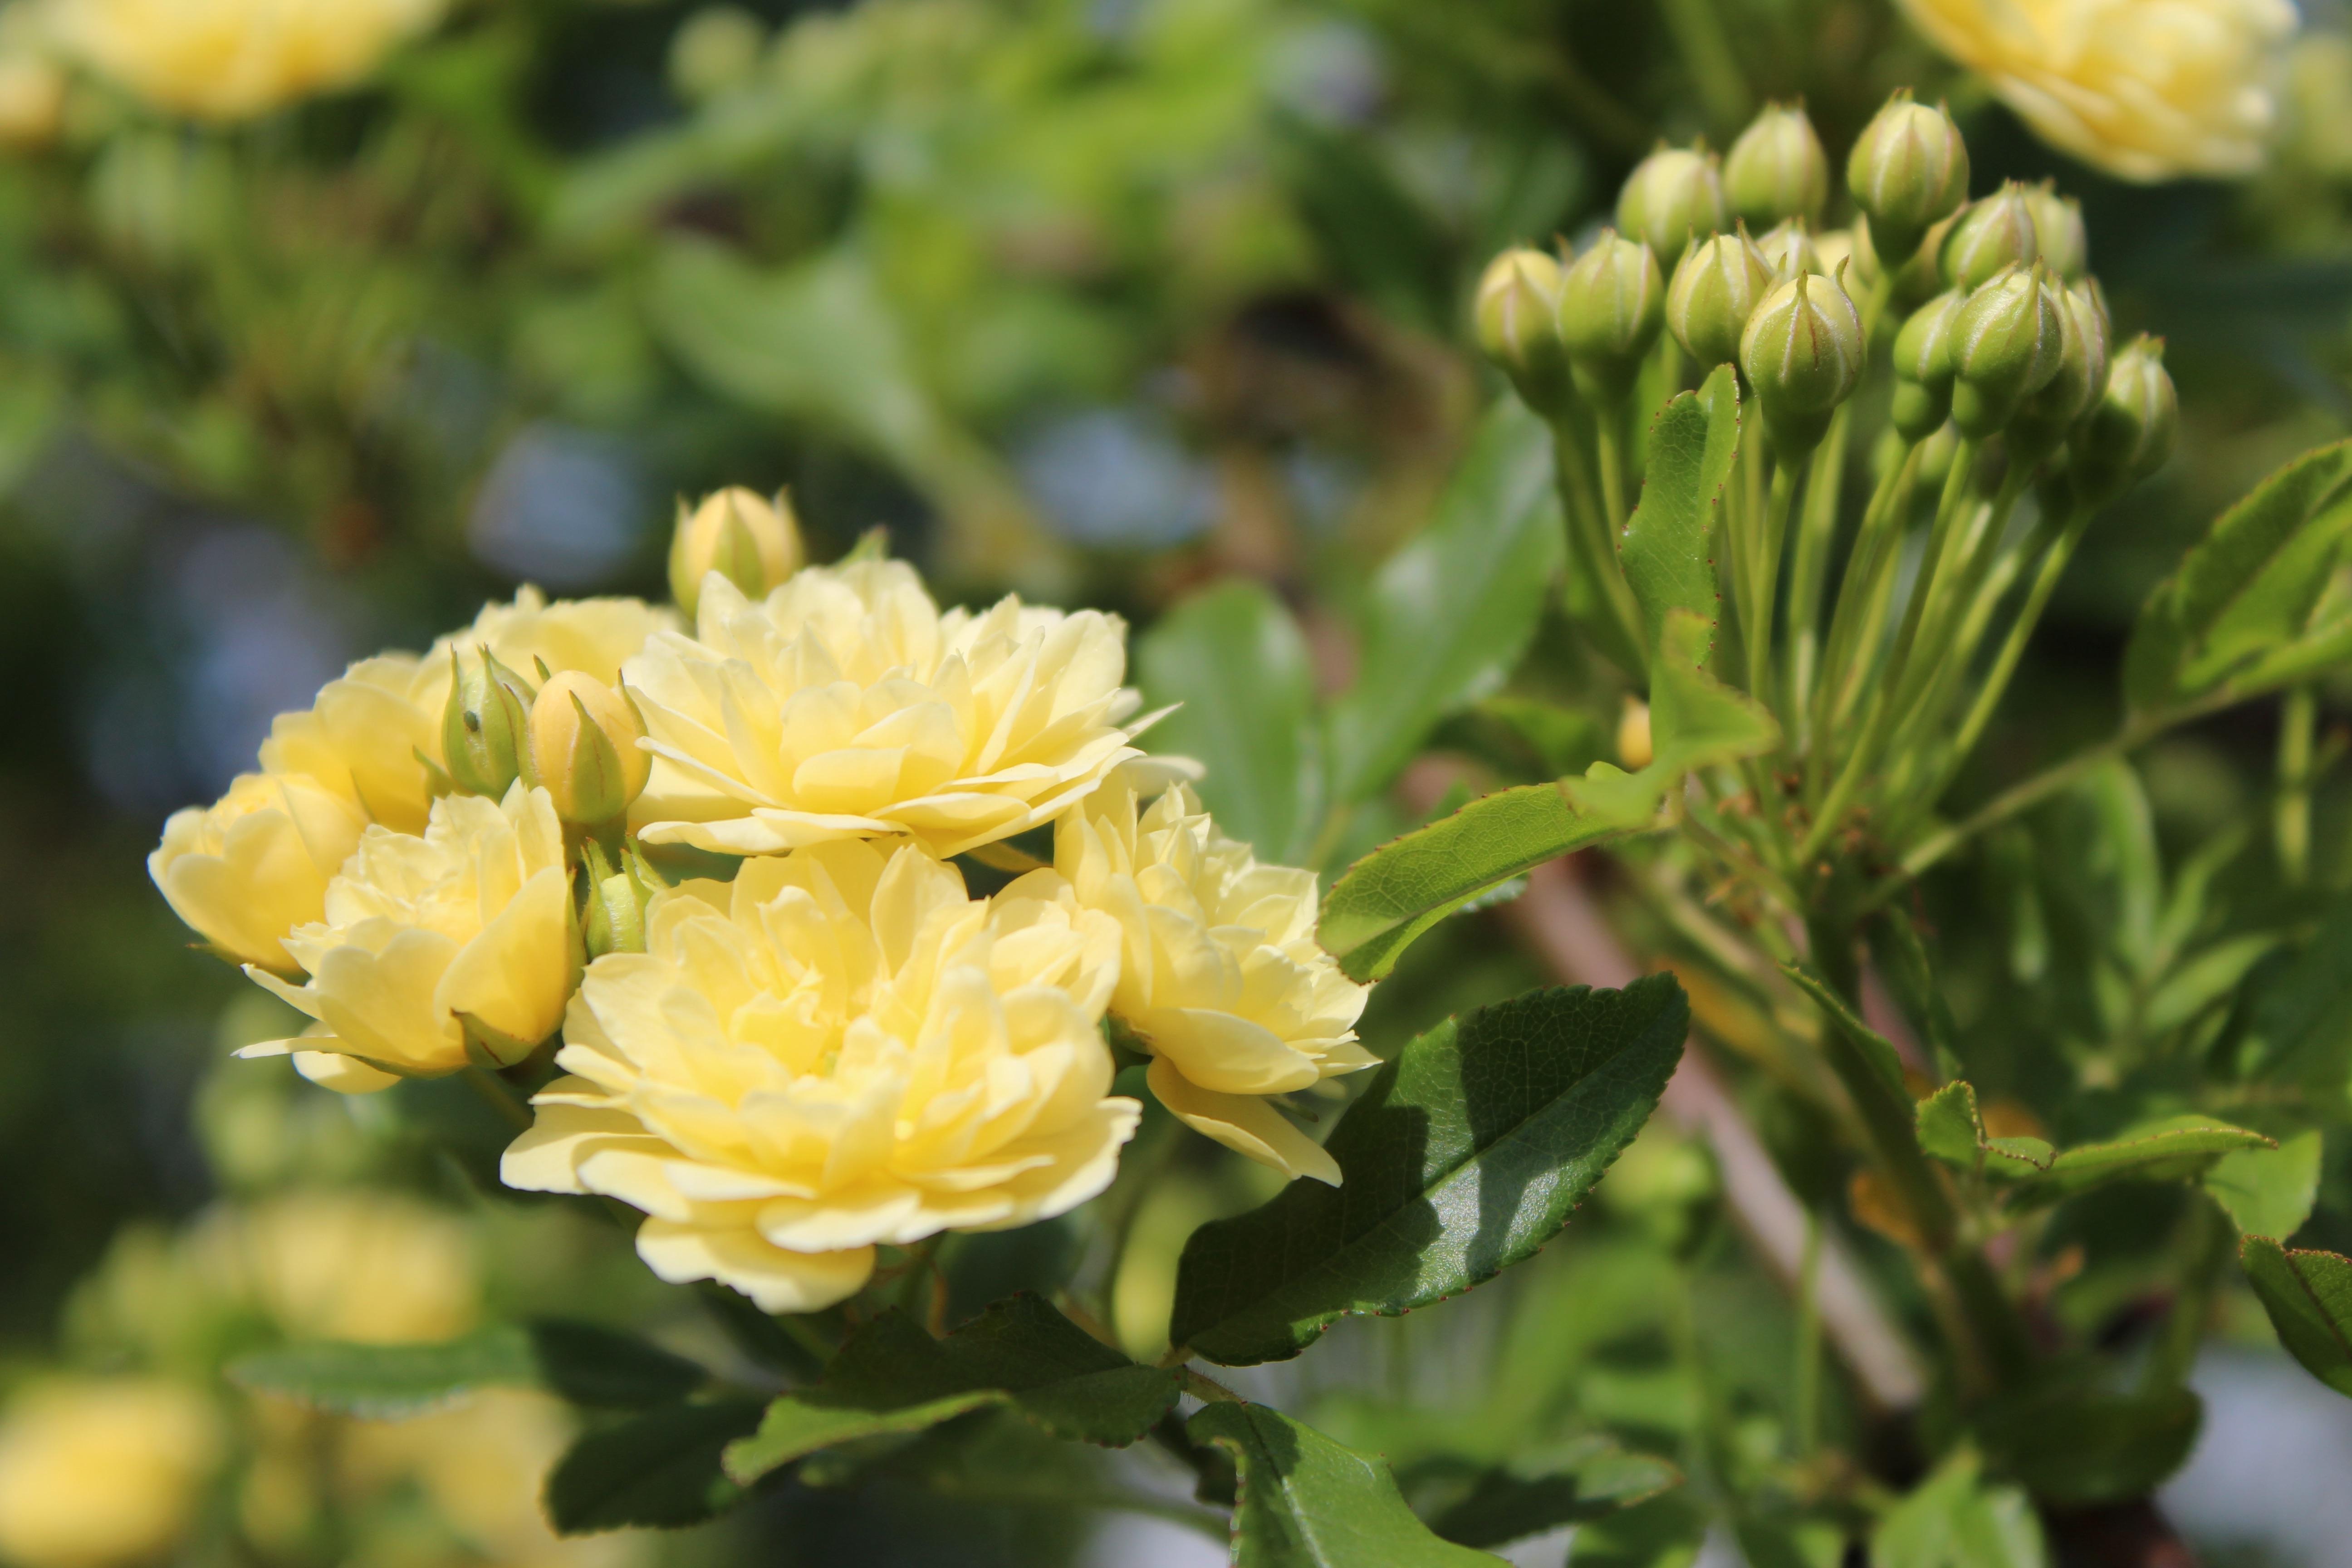 木香薔薇(もっこうばら)の温かな花が、春の香りを漂わせています。